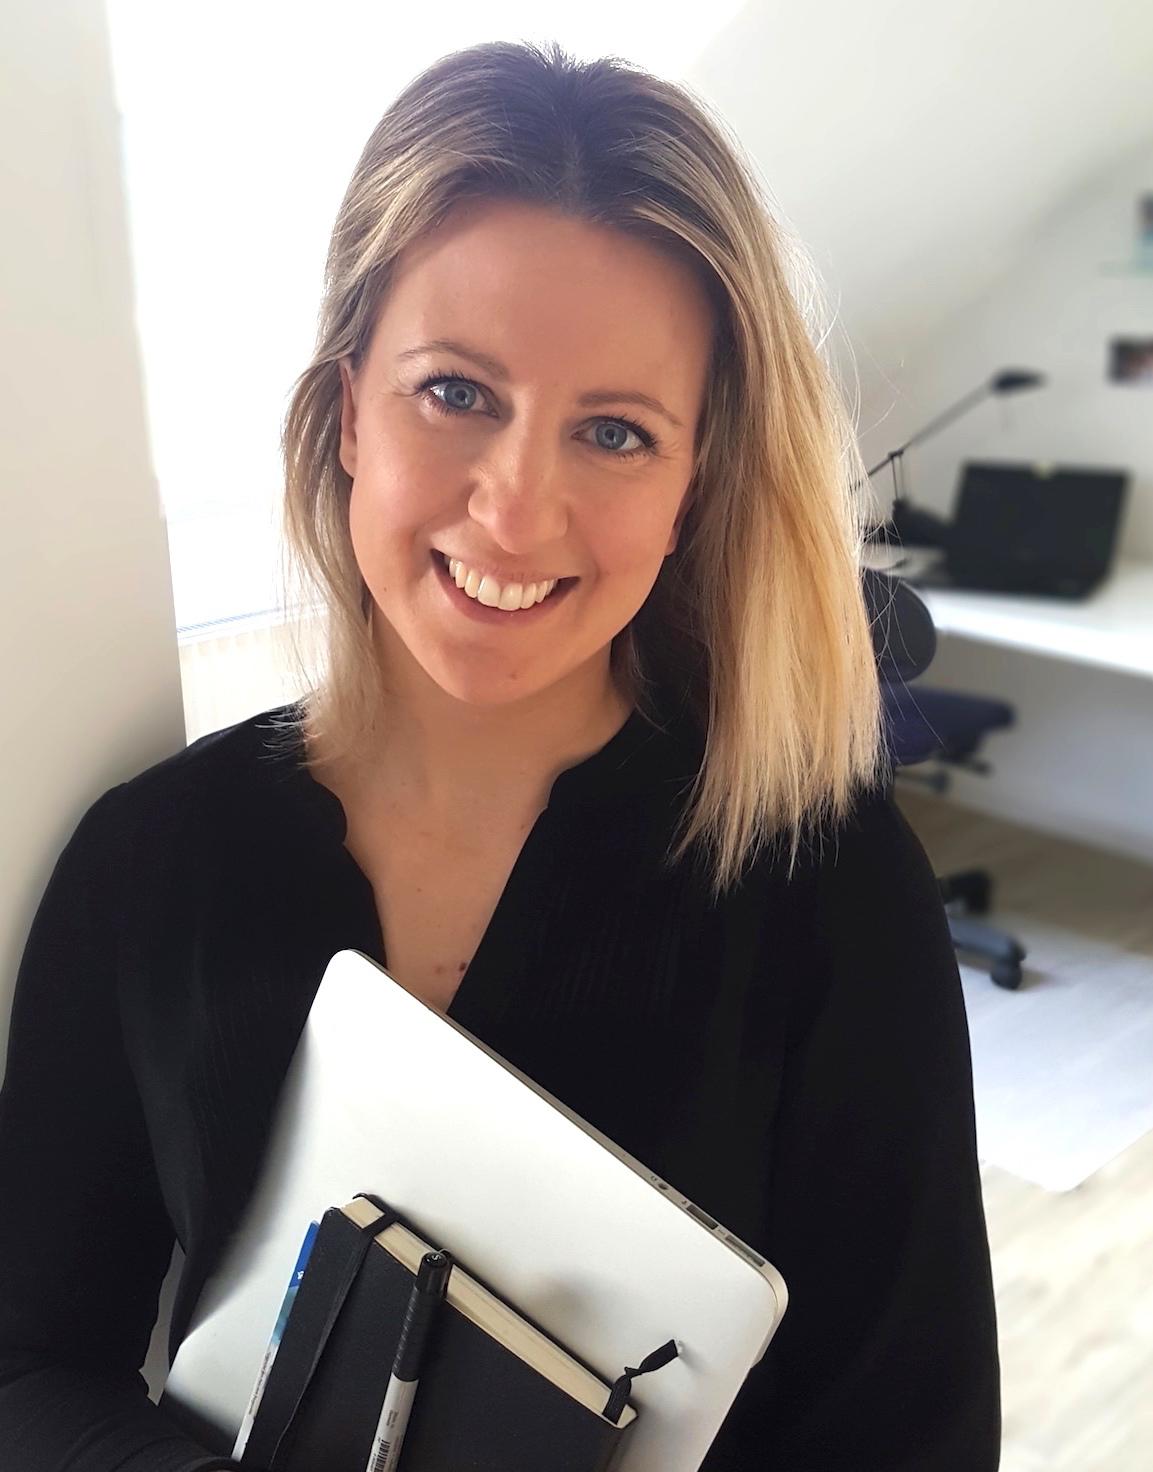 Marion Nikol, PR-Beraterin, Texterin, Lektorin & freie Journalistin sowie Inhaberin der Kommunikationsagentur Intecsting gibt Tipps, wie gerade kleine Unternehmen Struktur in ihre Kommunikationsprozesse bringen können.